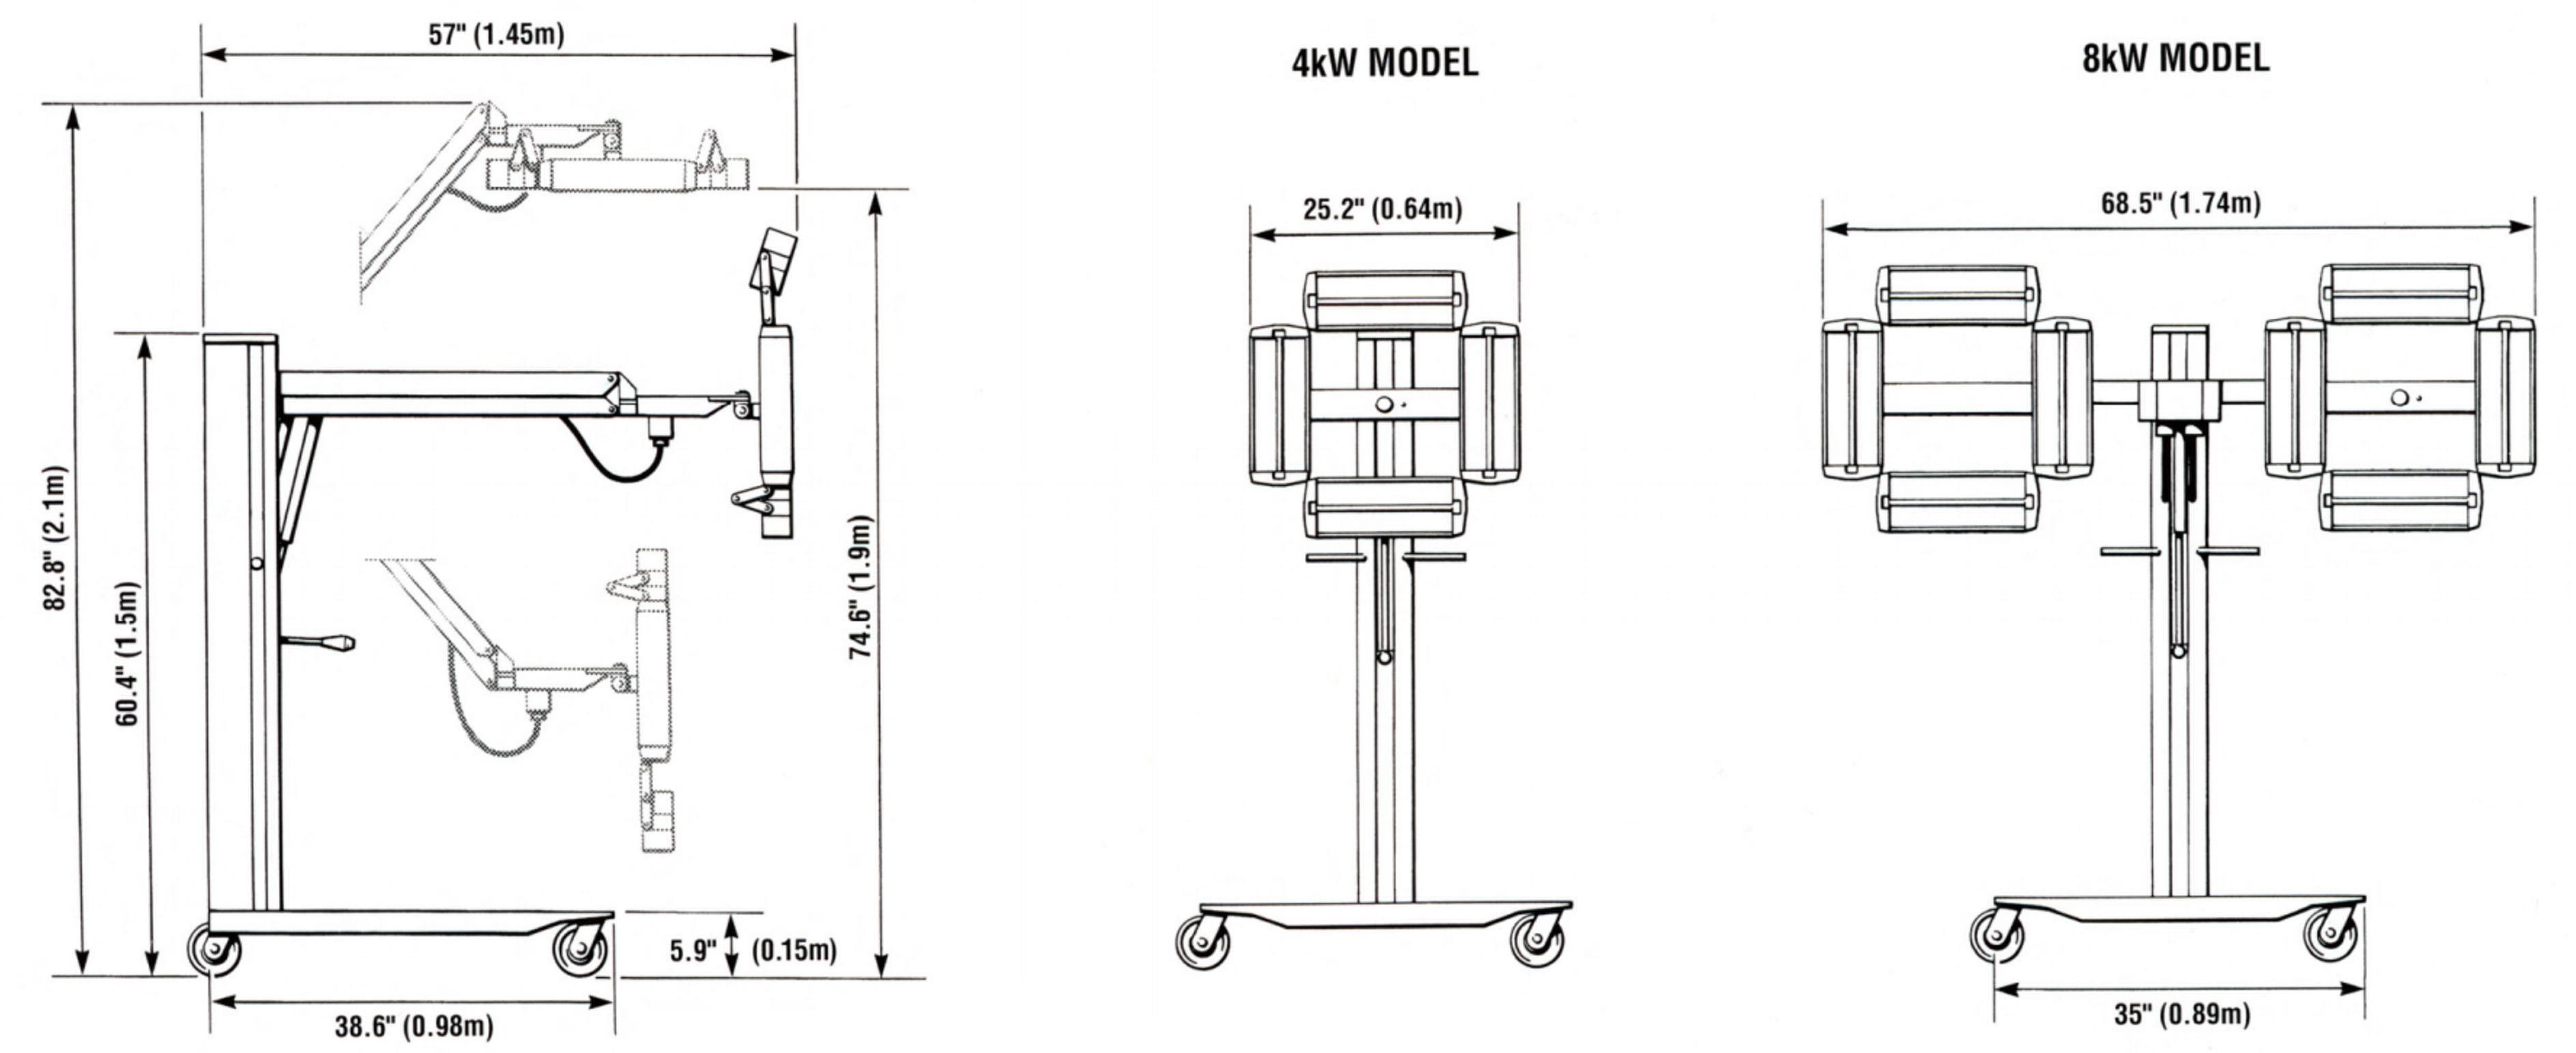 amh40008000-9.jpg